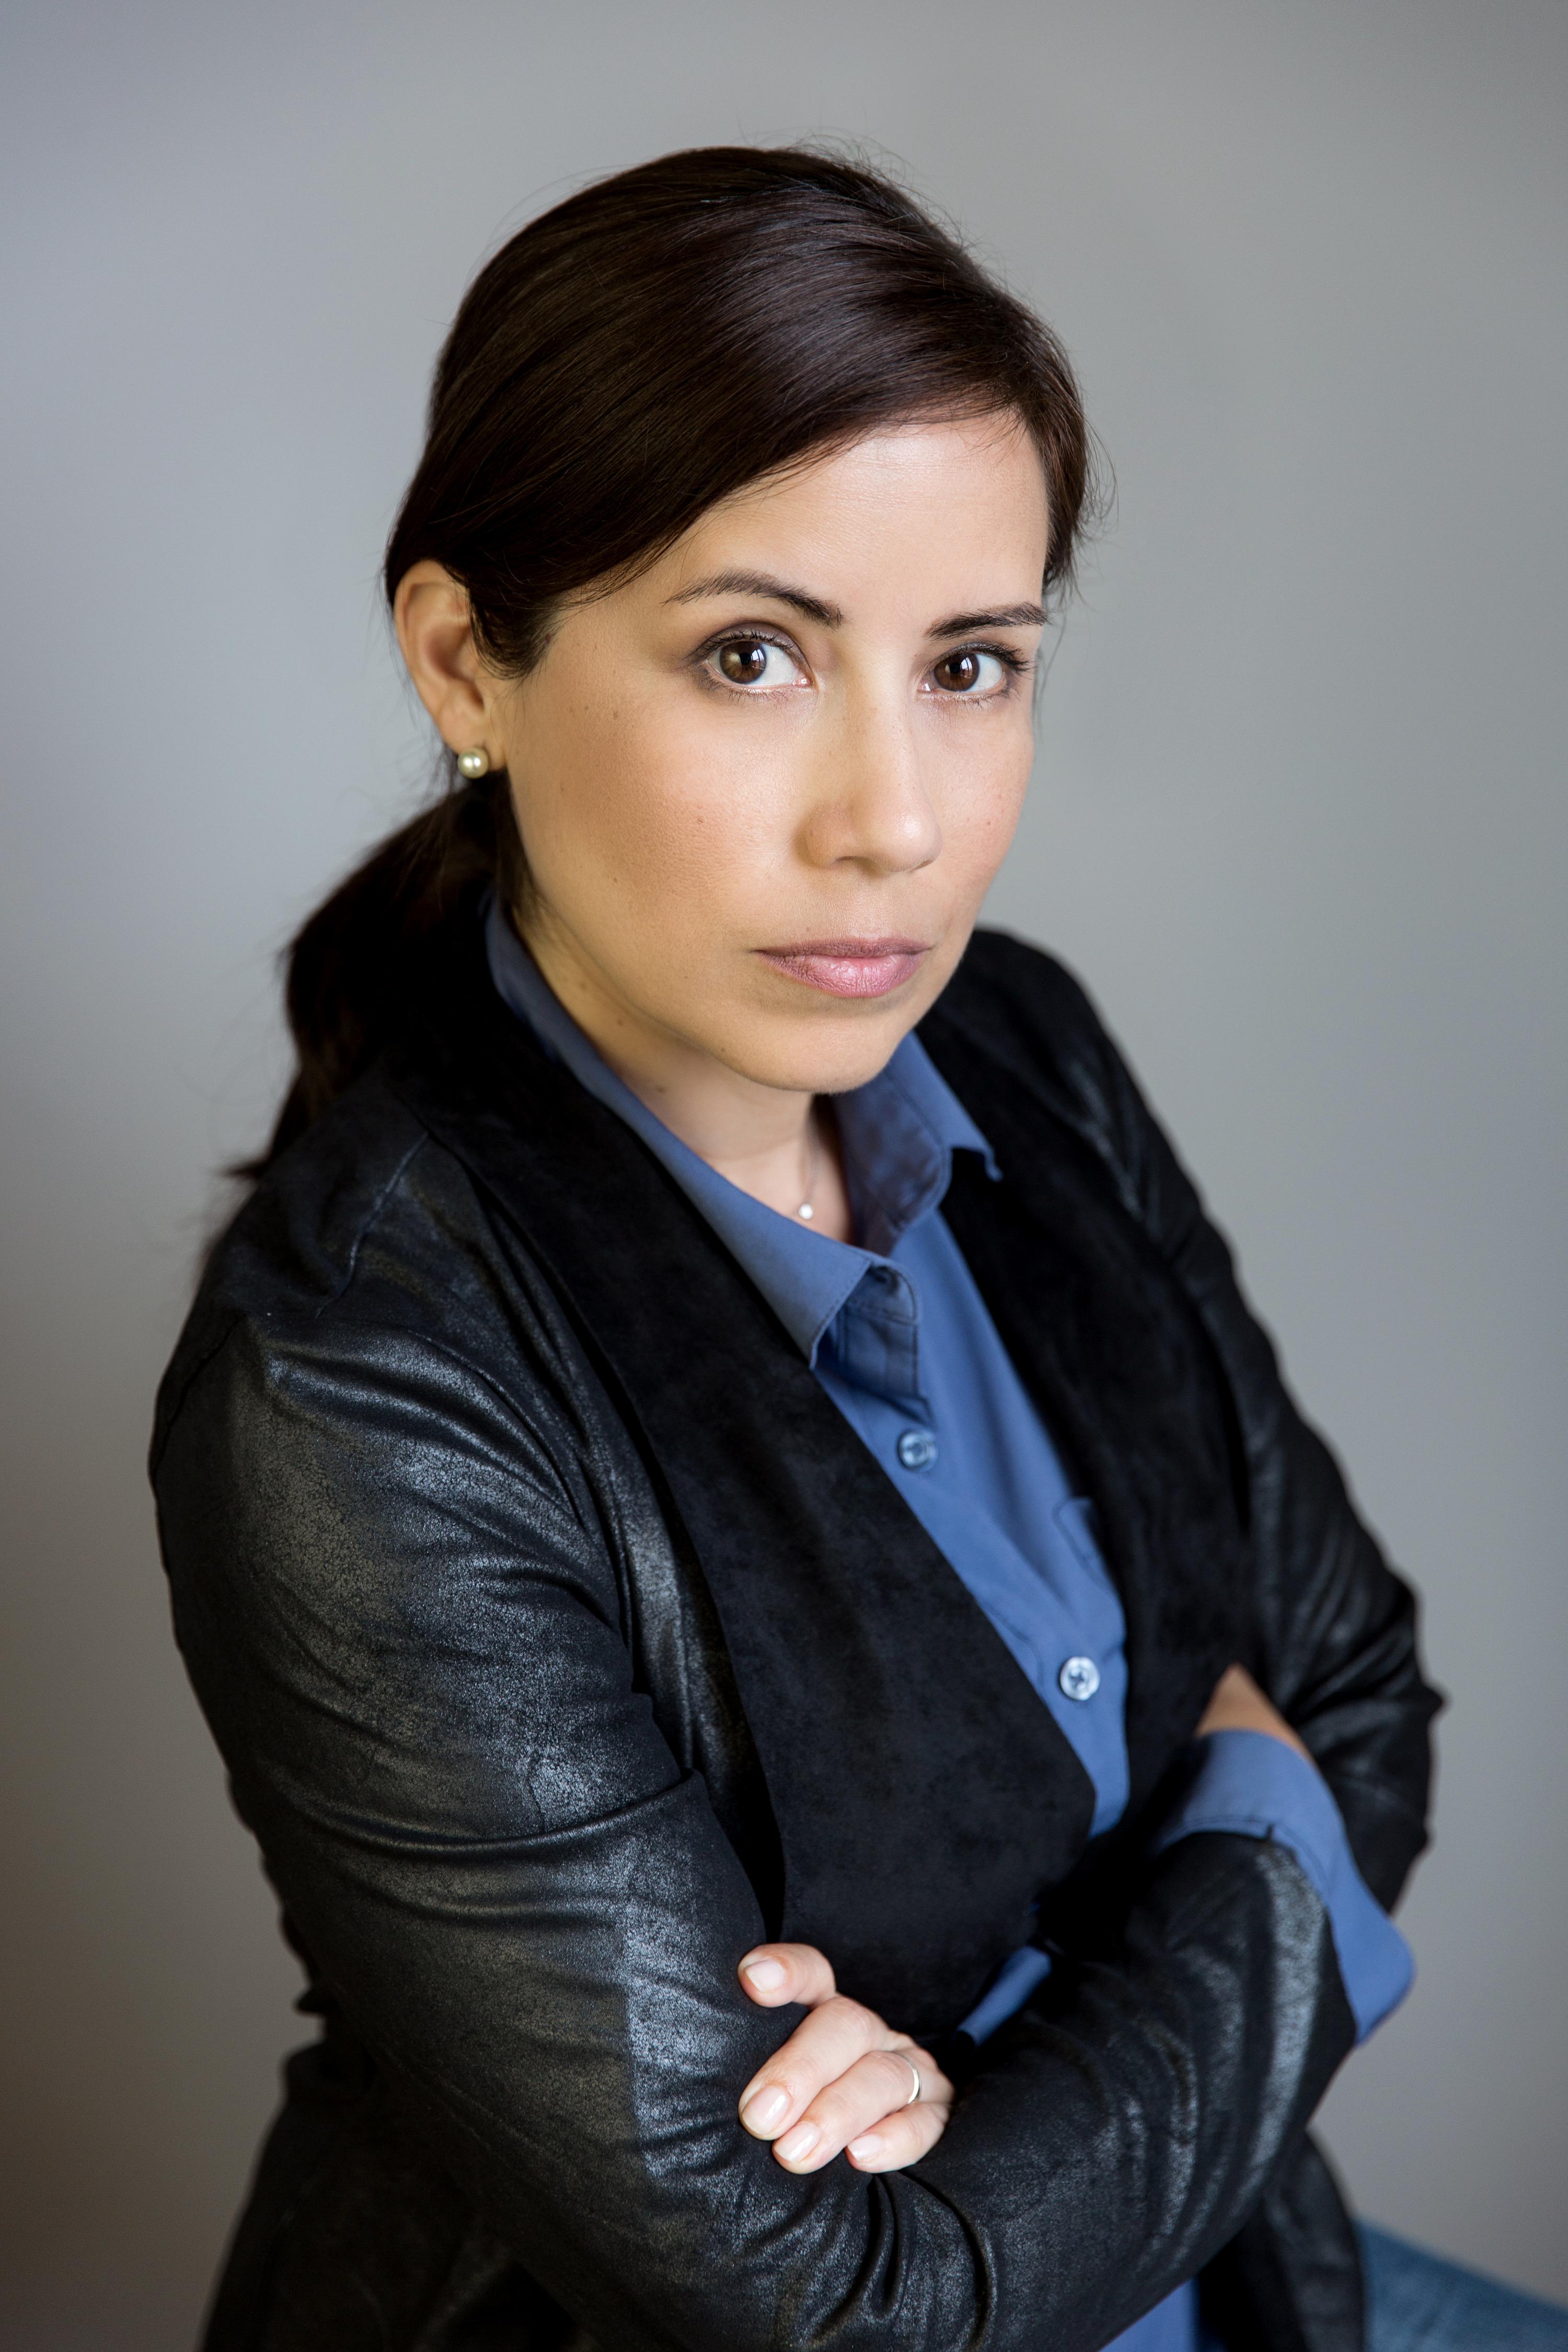 Detective Martinez